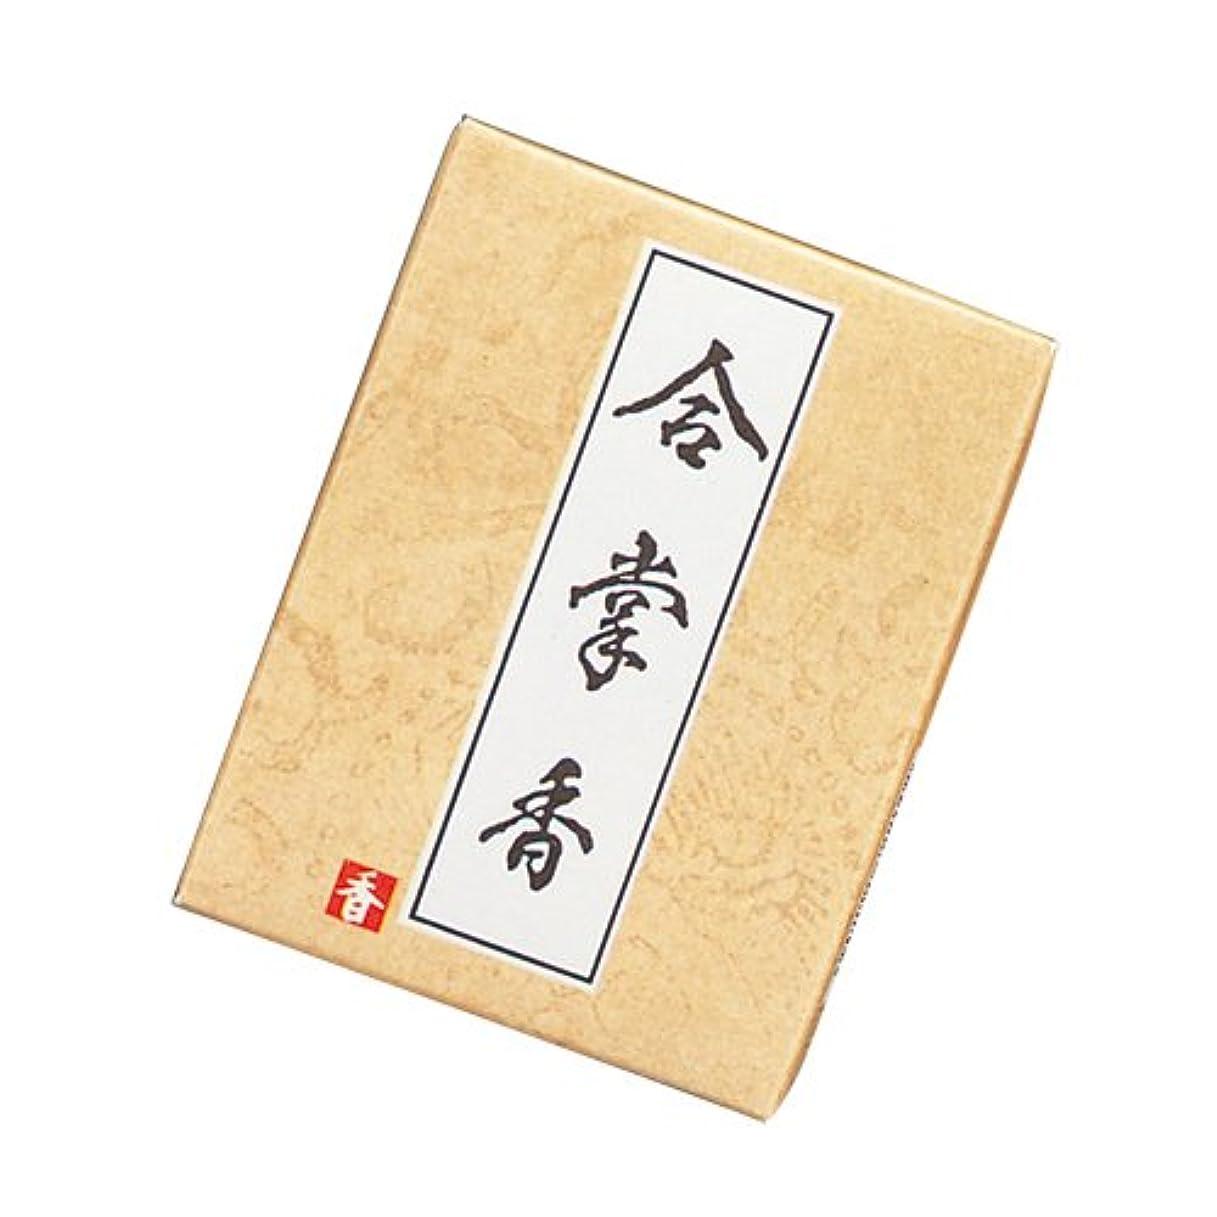 結婚式の間で持続する合掌香 紙箱 30g入